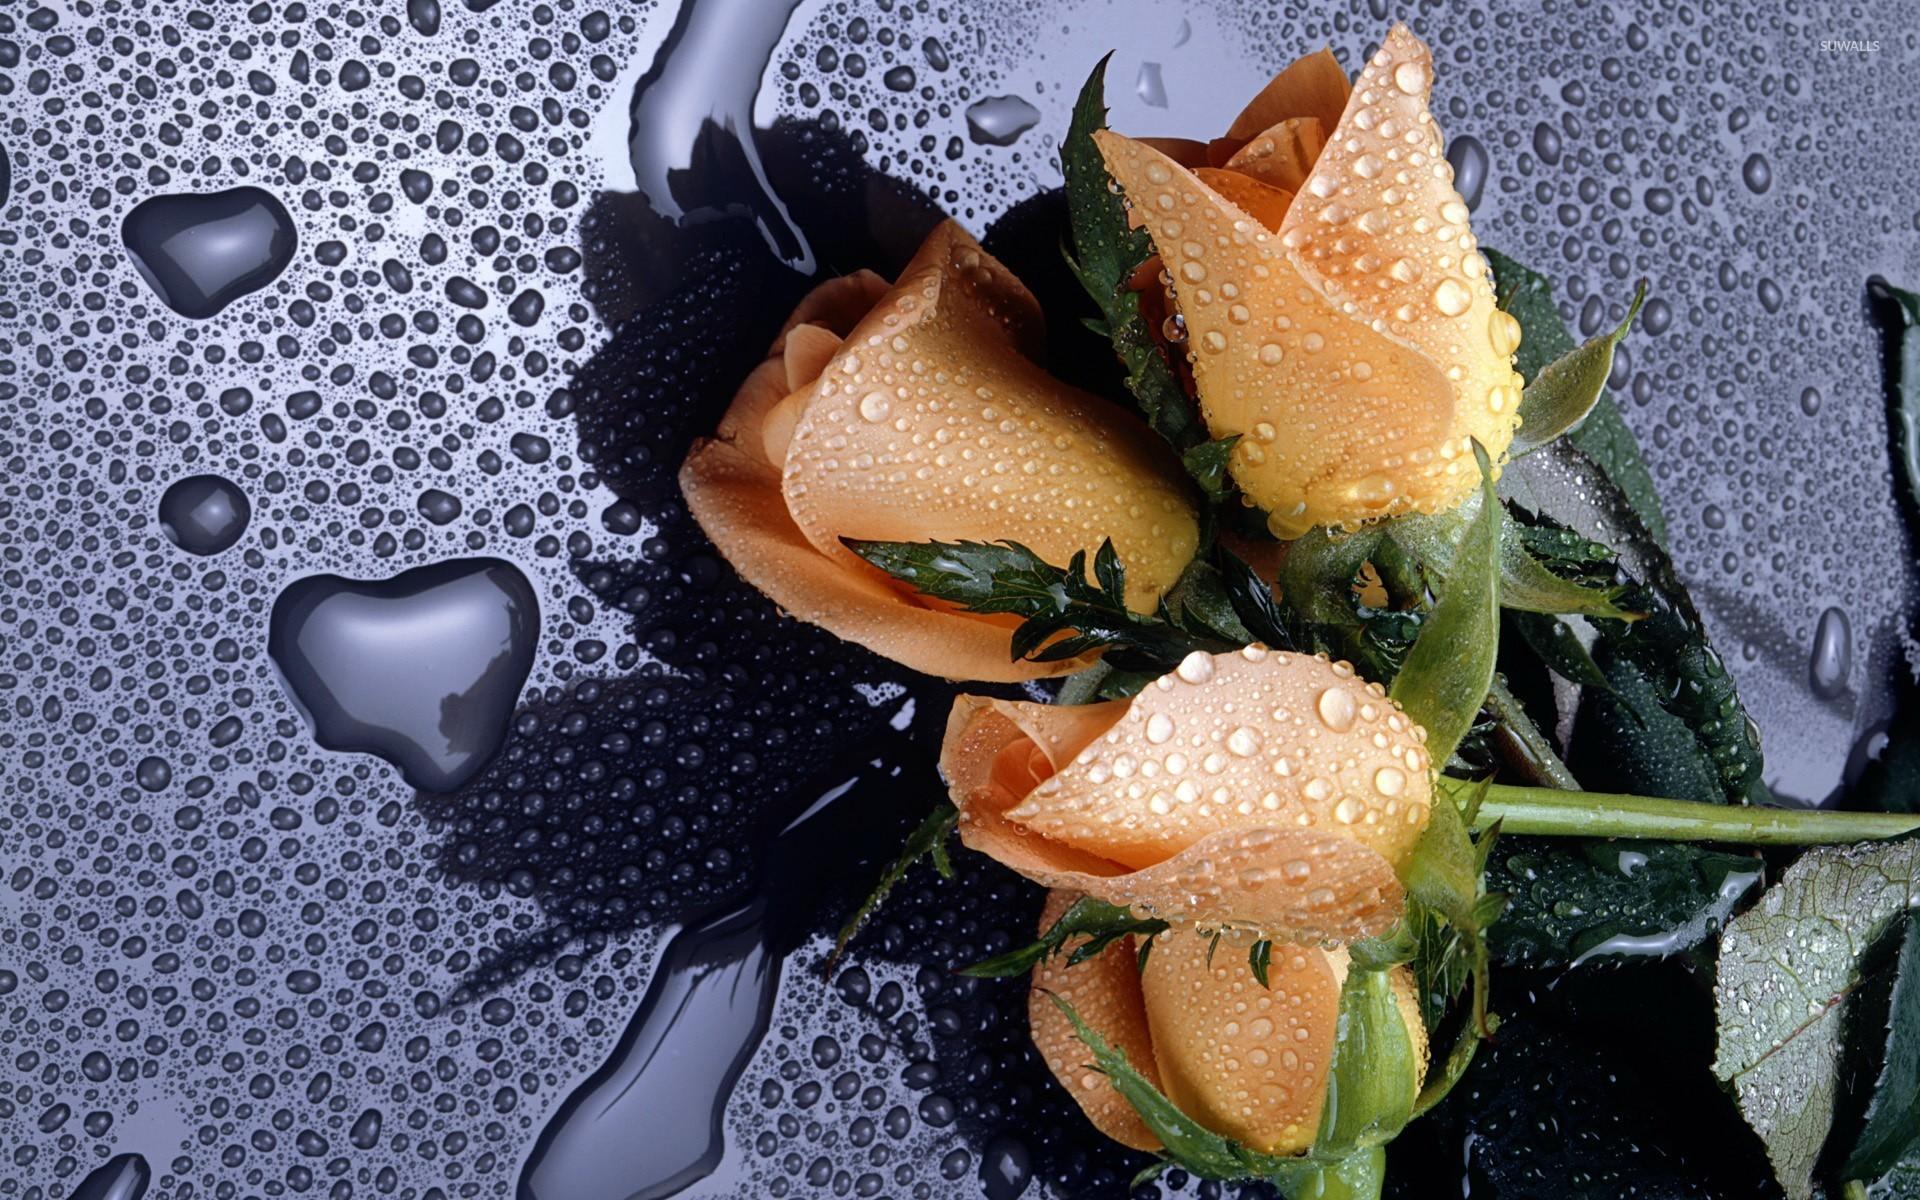 обои для рабочего стола розы красивые во весь экран № 233148 бесплатно